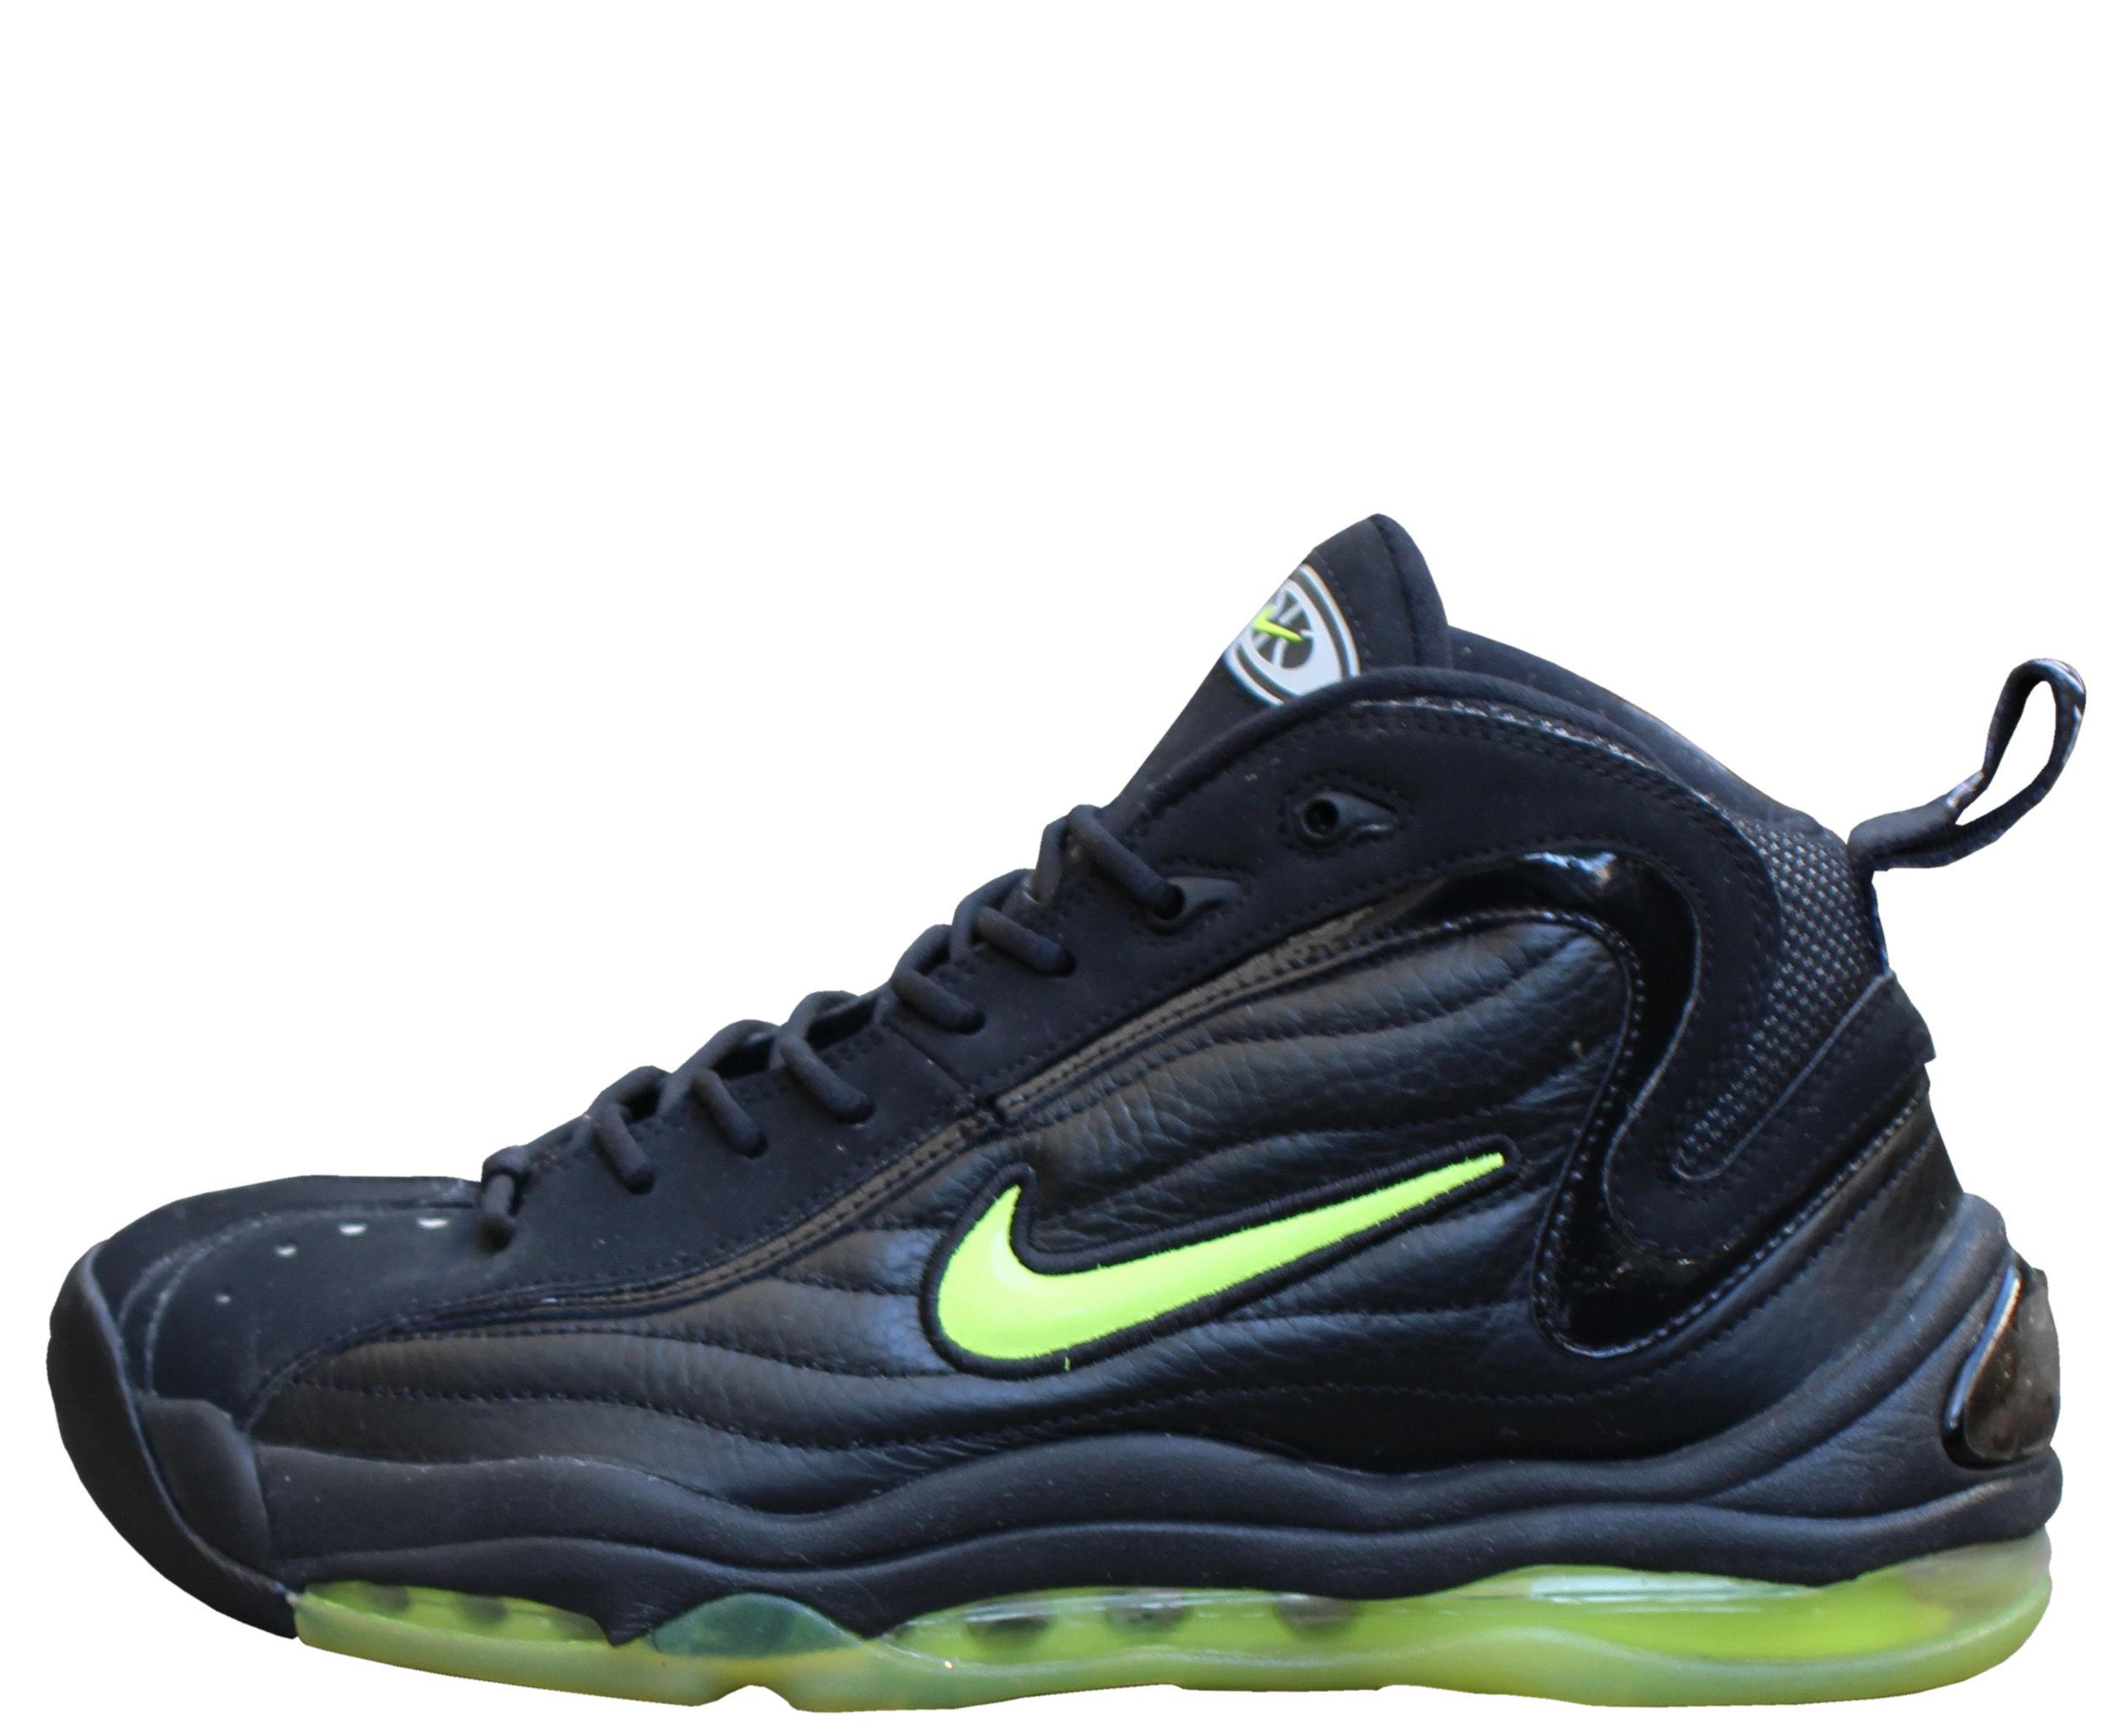 Nike Air Total Uptempo LE Black / Volt